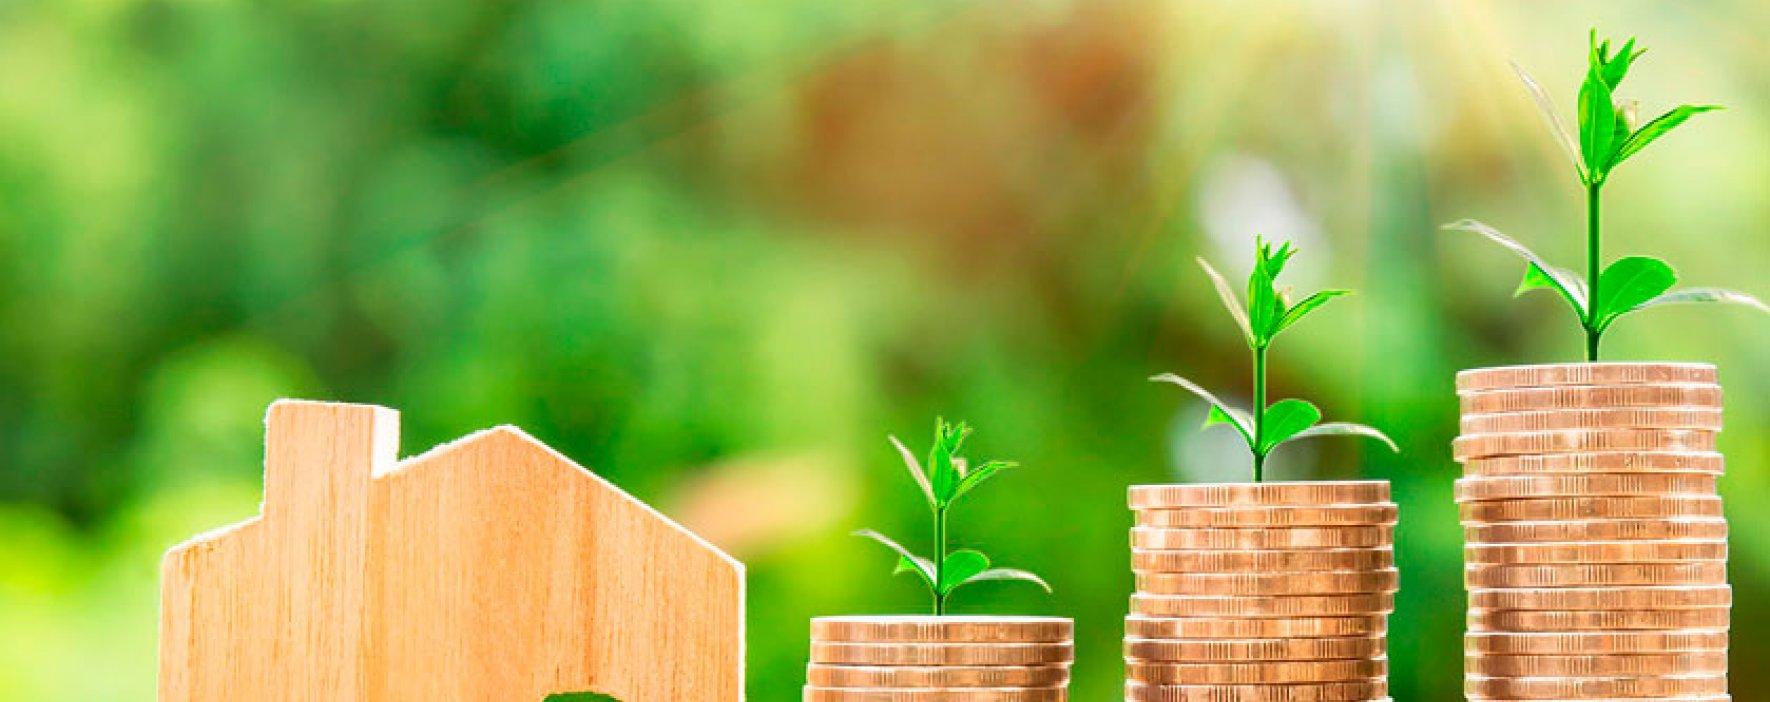 """""""Nuevas medidas son clave para impulsar confianza e inversión en vivienda nueva"""": Camacol"""